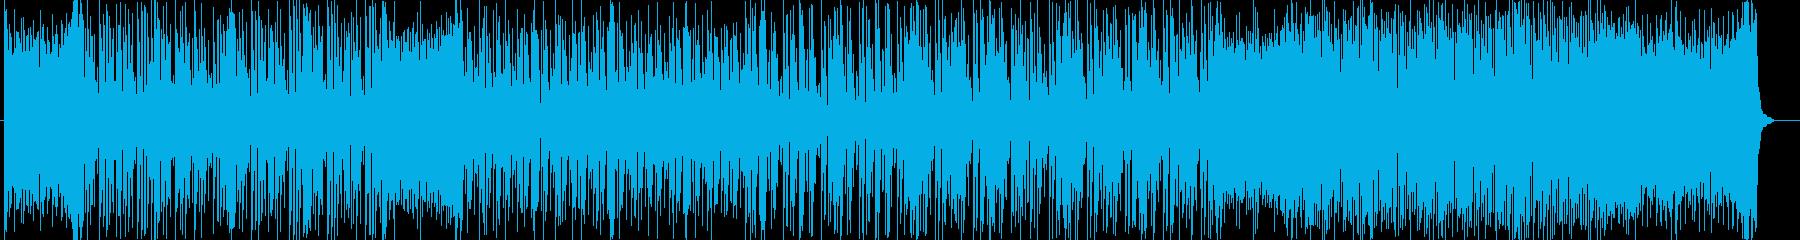 スタイリッシュなシンセポップの再生済みの波形